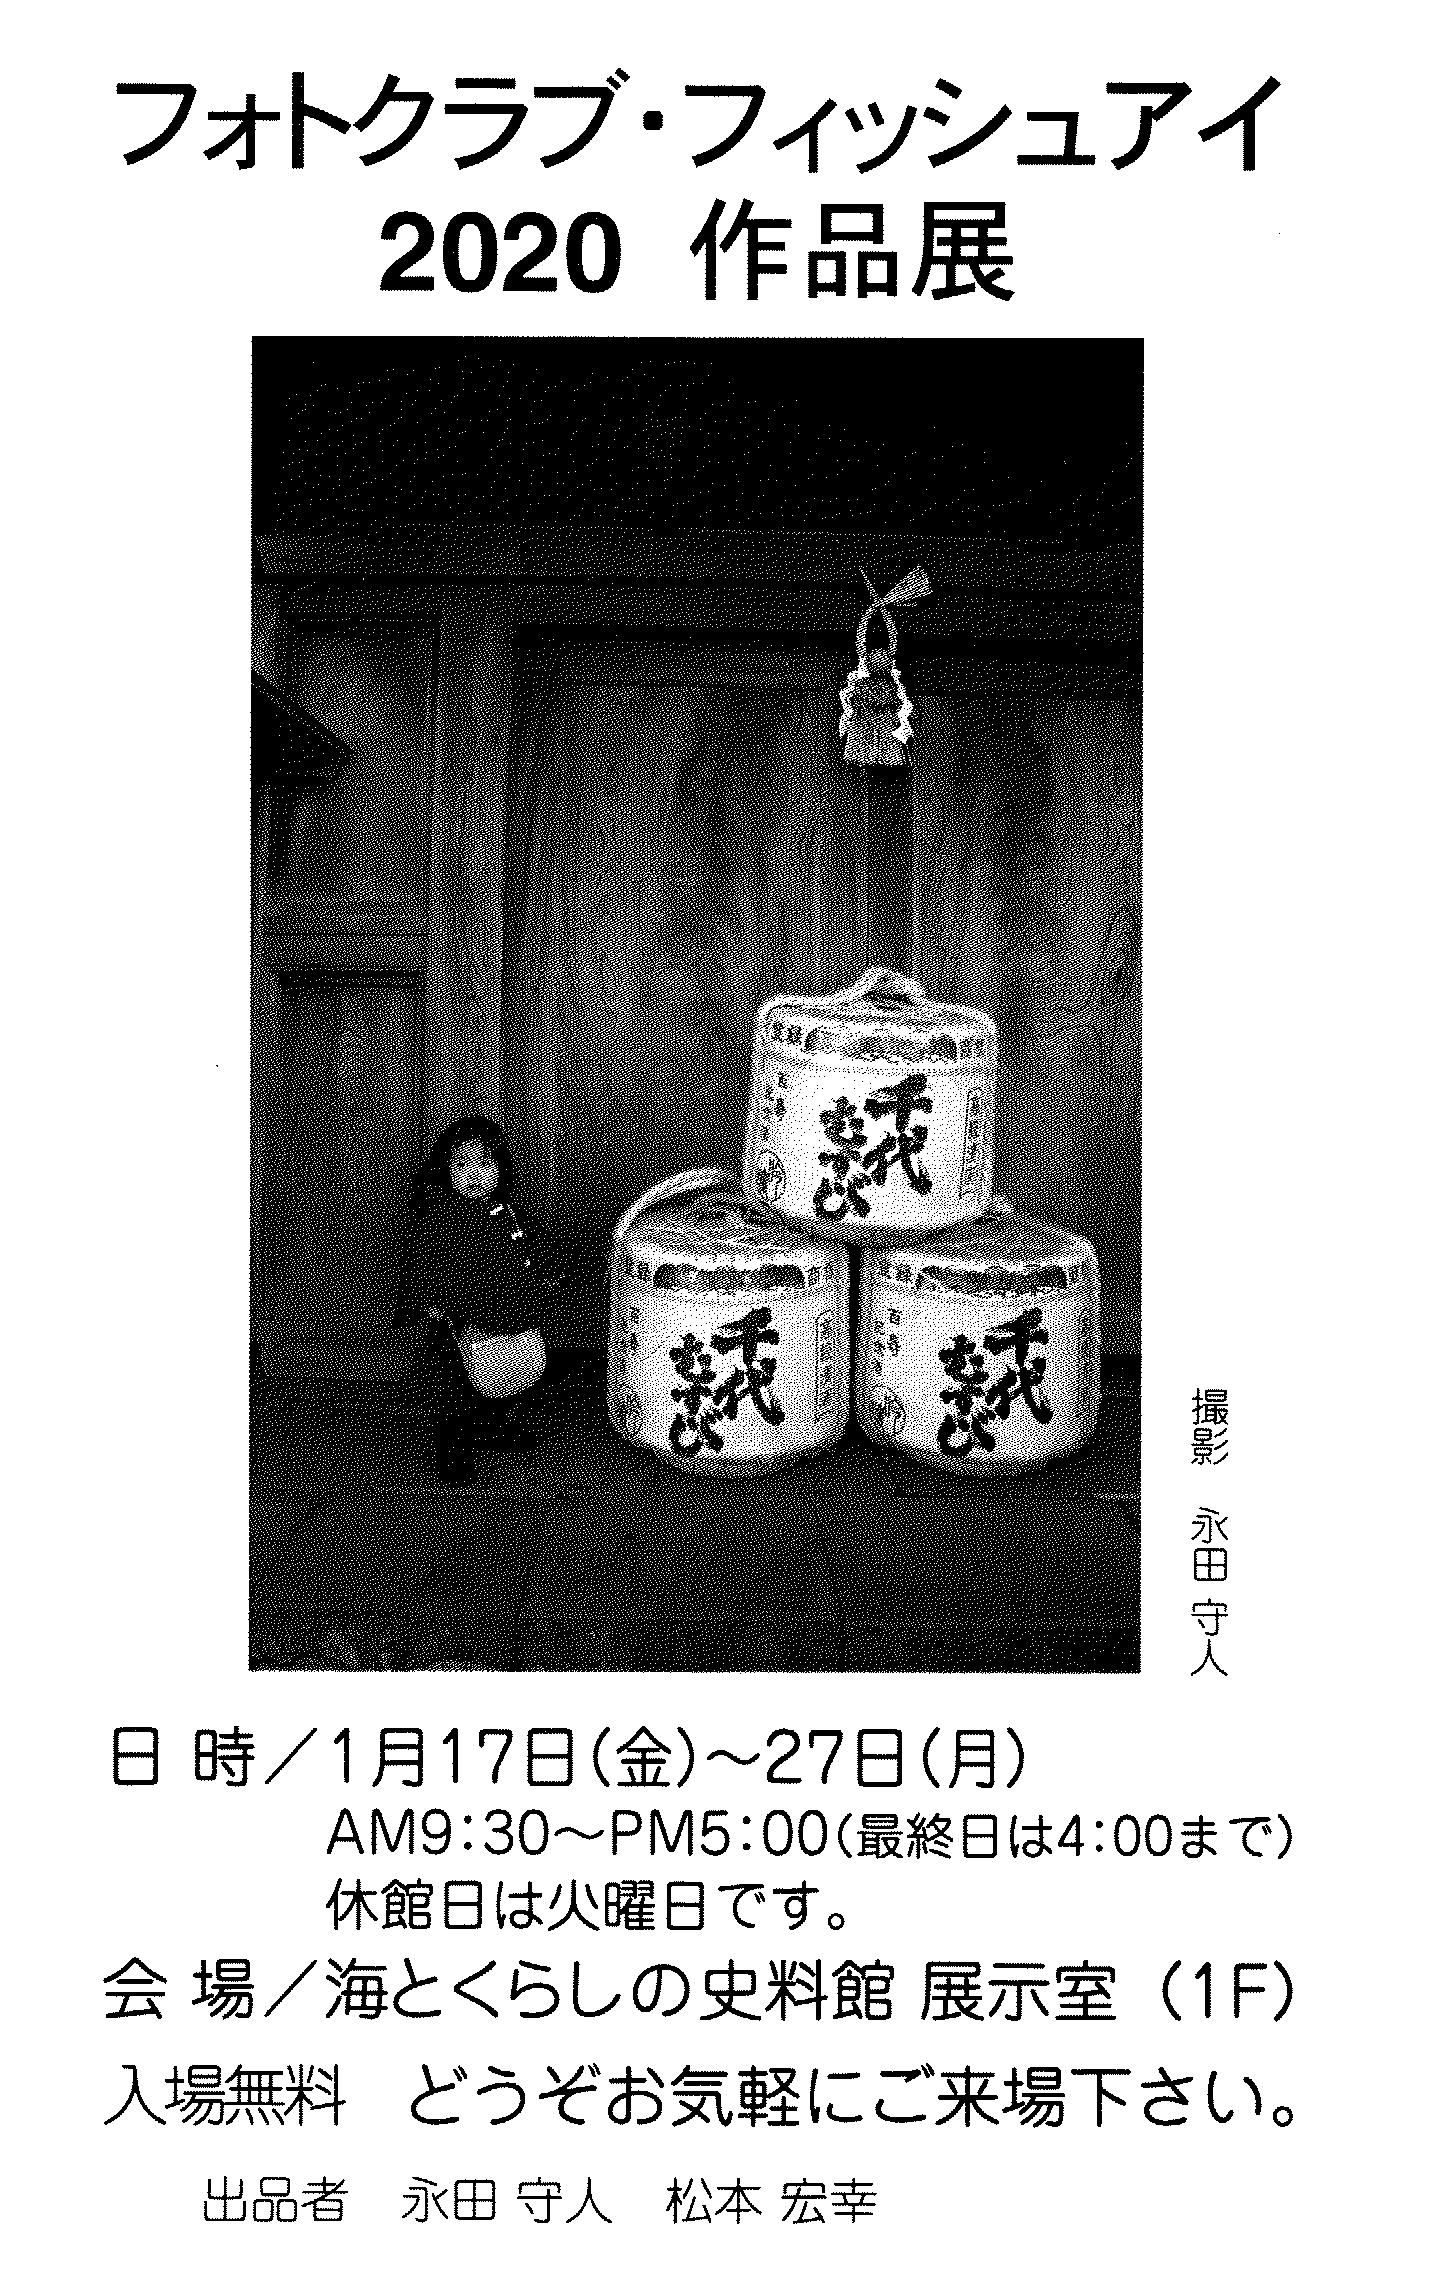 フォトクラブフィッシュアイ写真展20200104